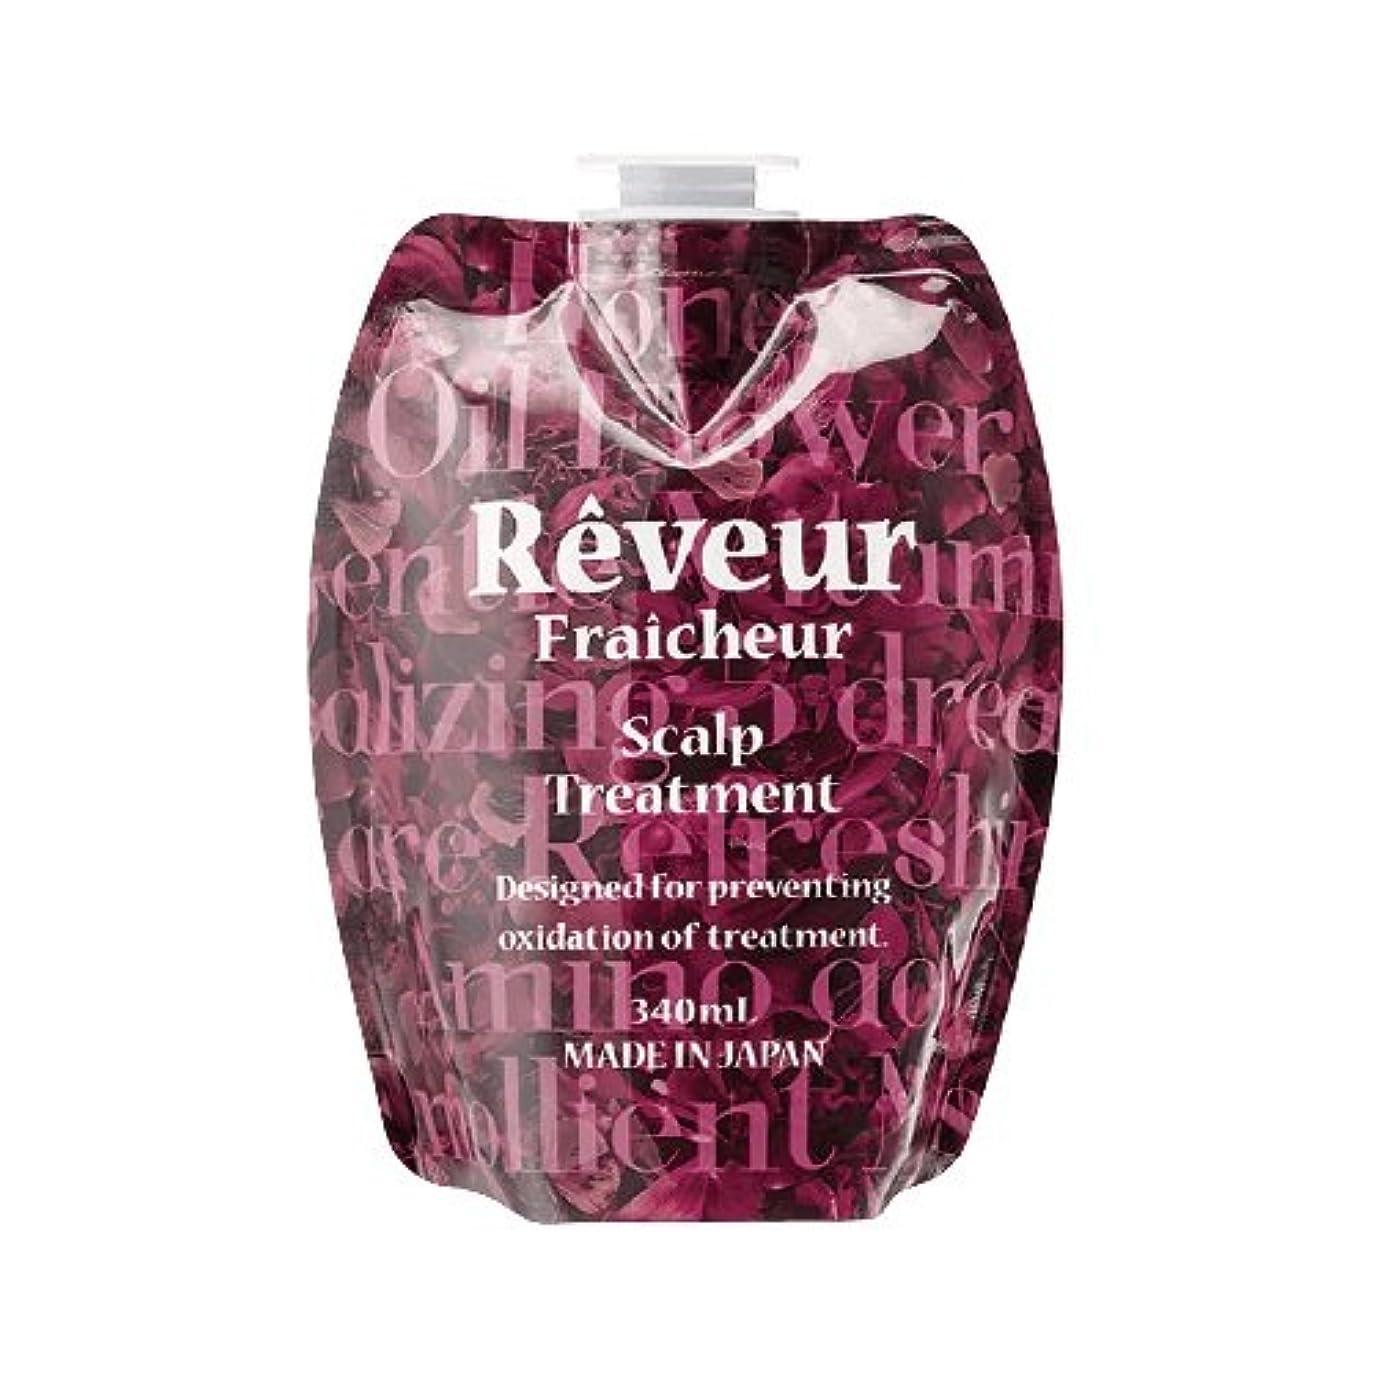 ボトル四部分Reveur(レヴール) レヴール フレッシュール スカルプ トリートメント 詰替え用 (340mL)